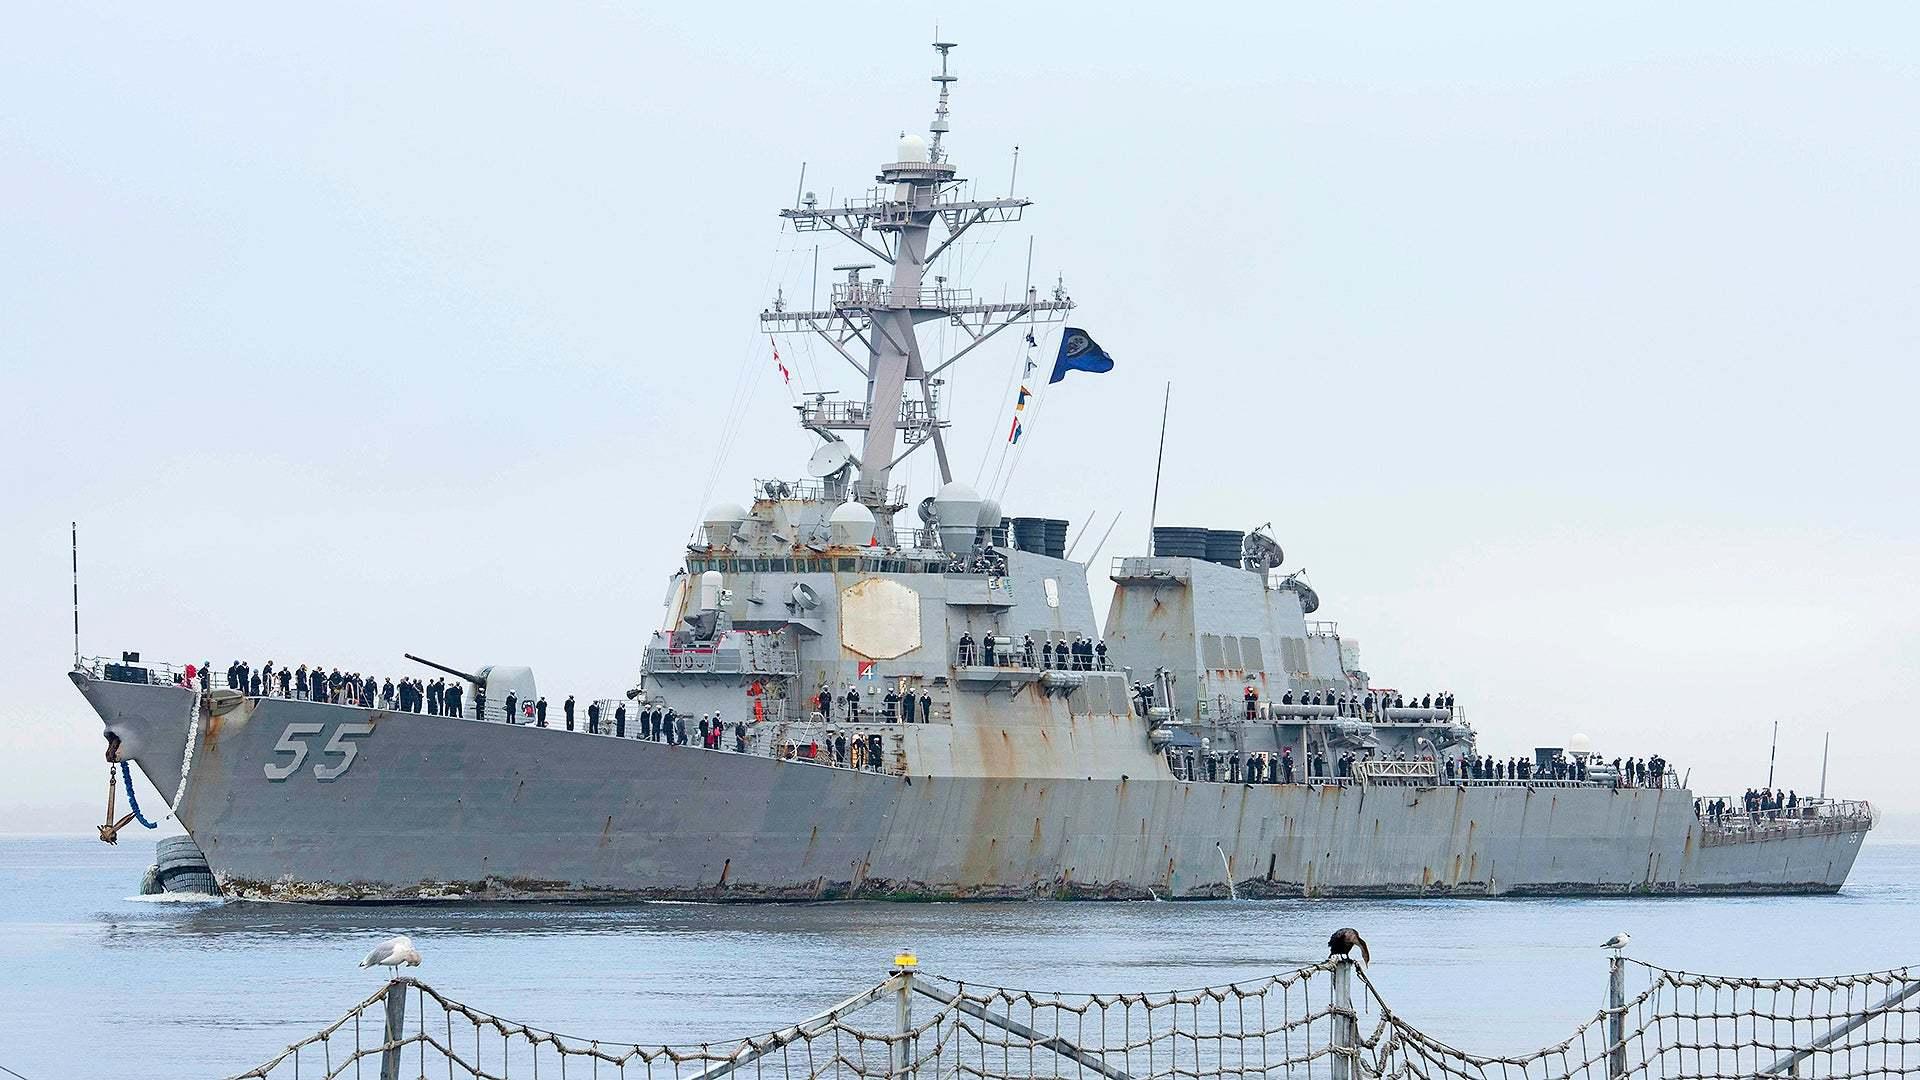 原创   美海军驱逐舰创下纪录,航行215天不靠岸,相控阵雷达锈迹斑斑    第1张